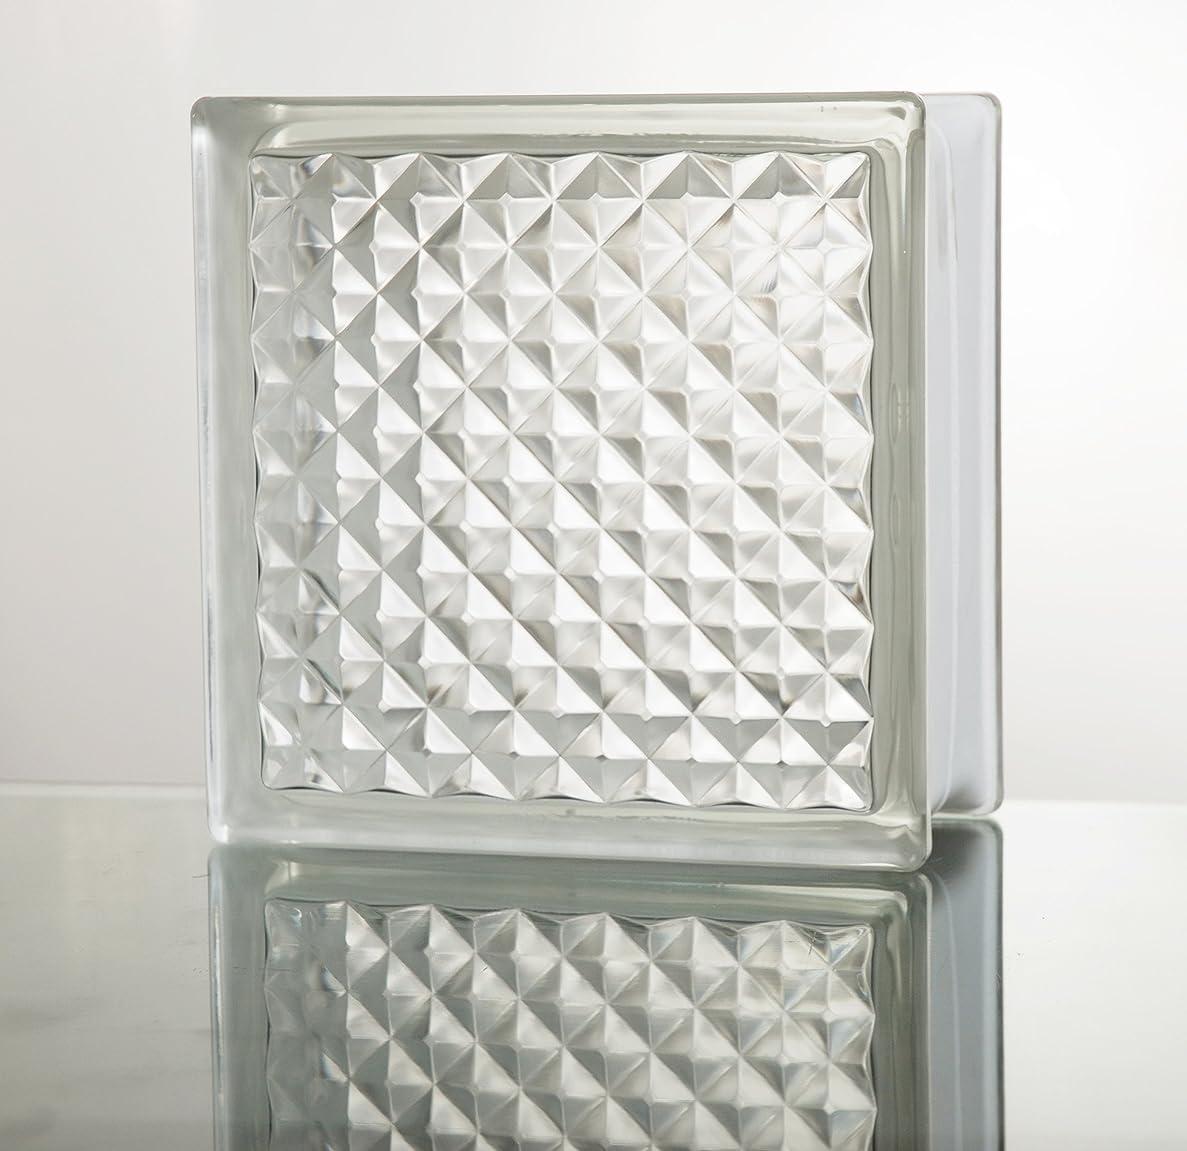 ベルトプロフェッショナルブラザーガラスブロック ◆◆◆デザイン豊富22種類◆◆◆(クリアシリーズ) 190mm角×80mm厚 (1個(サンプル), Lattice)